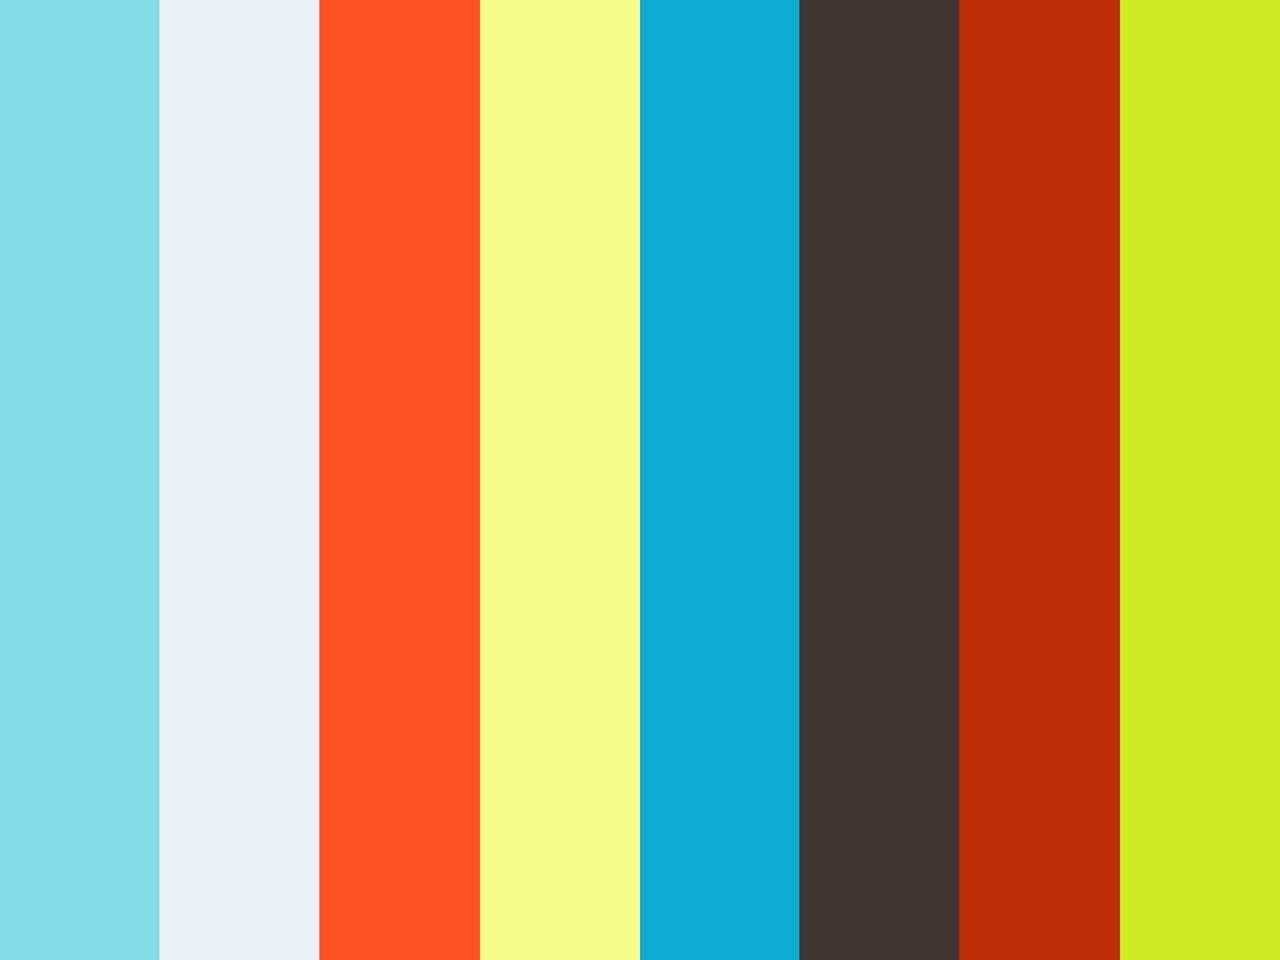 русская рулетка рианна cover анна хохлова x-factor 2012 украина russian roulette rihanna cover анна хохлова